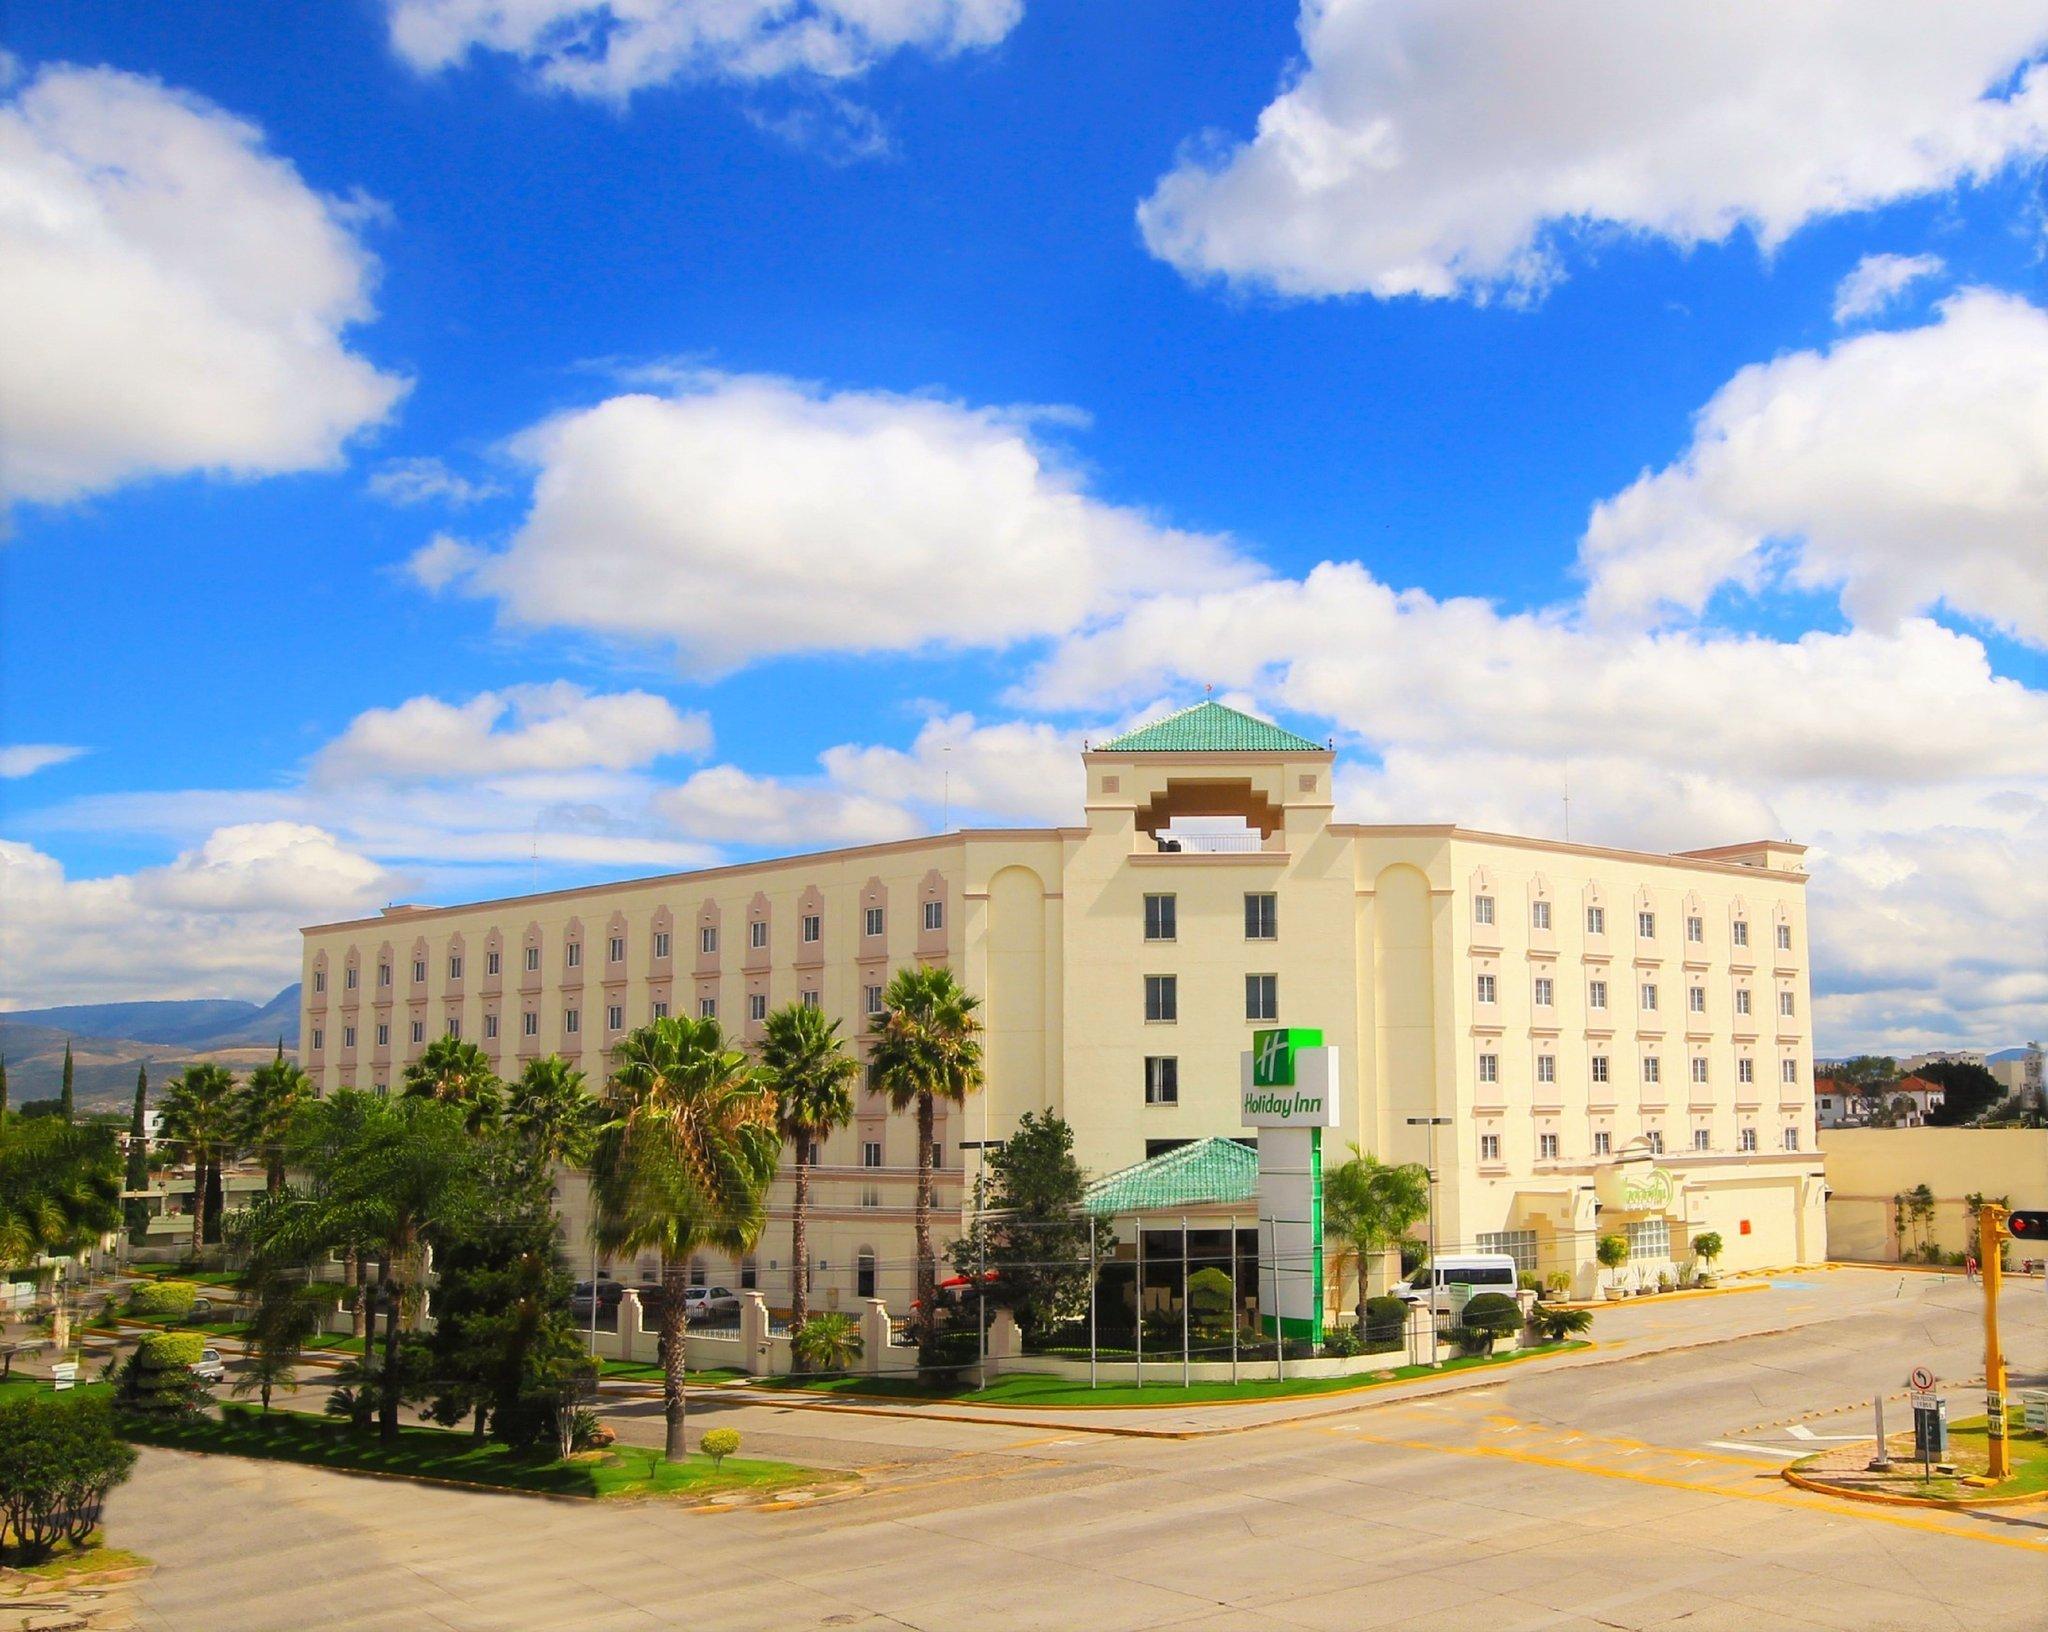 ホリデイ イン レオン - コンベンション センター ホテル